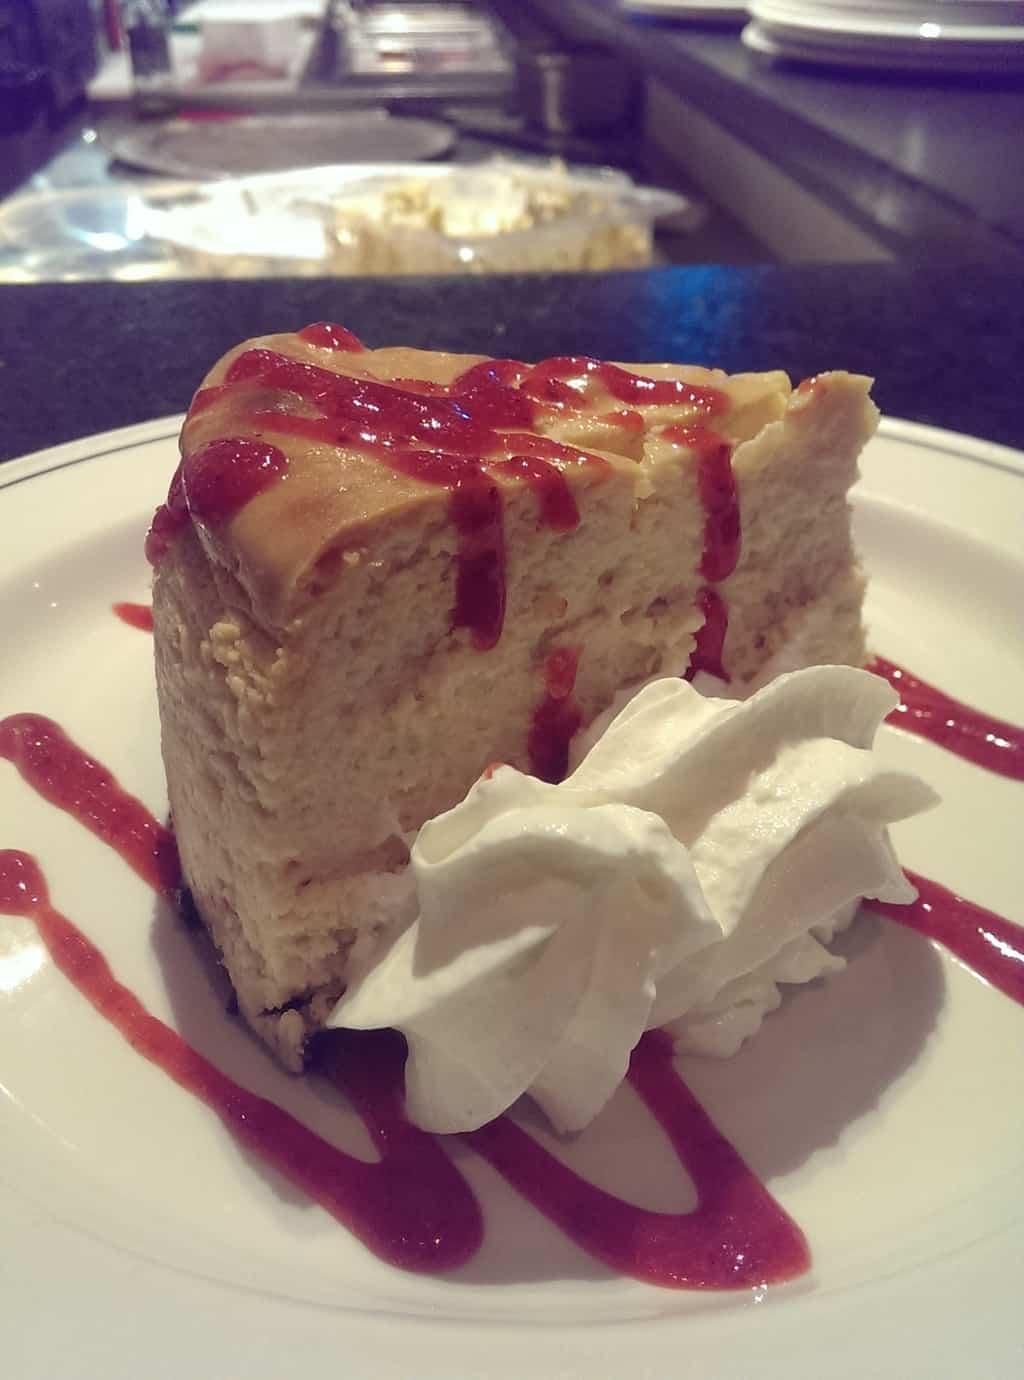 bensonhurst cheesecake